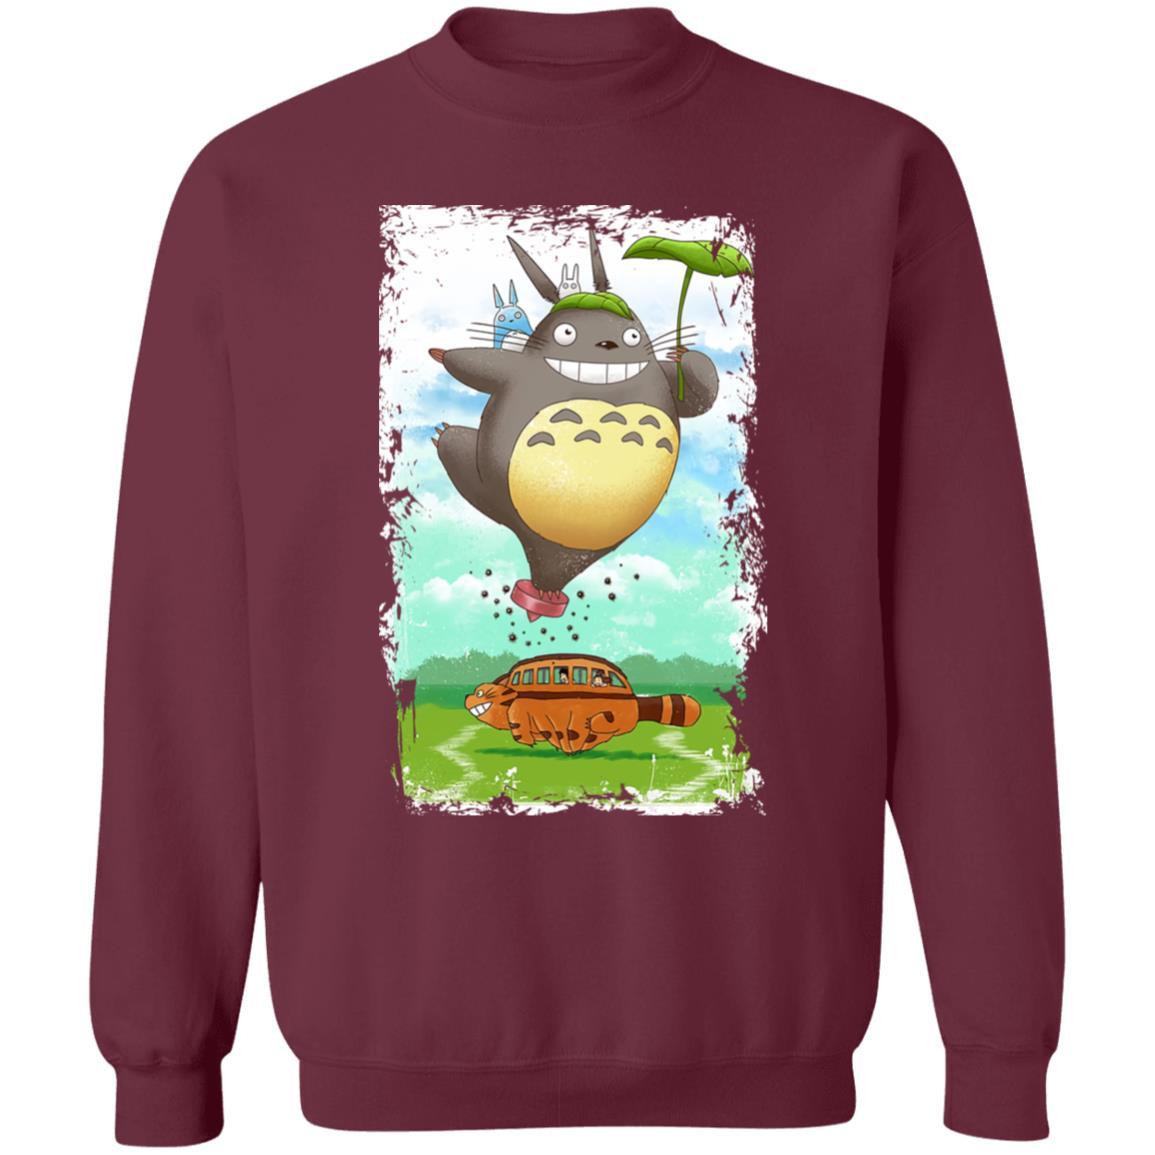 Totoro the Funny Neighbor Sweatshirt